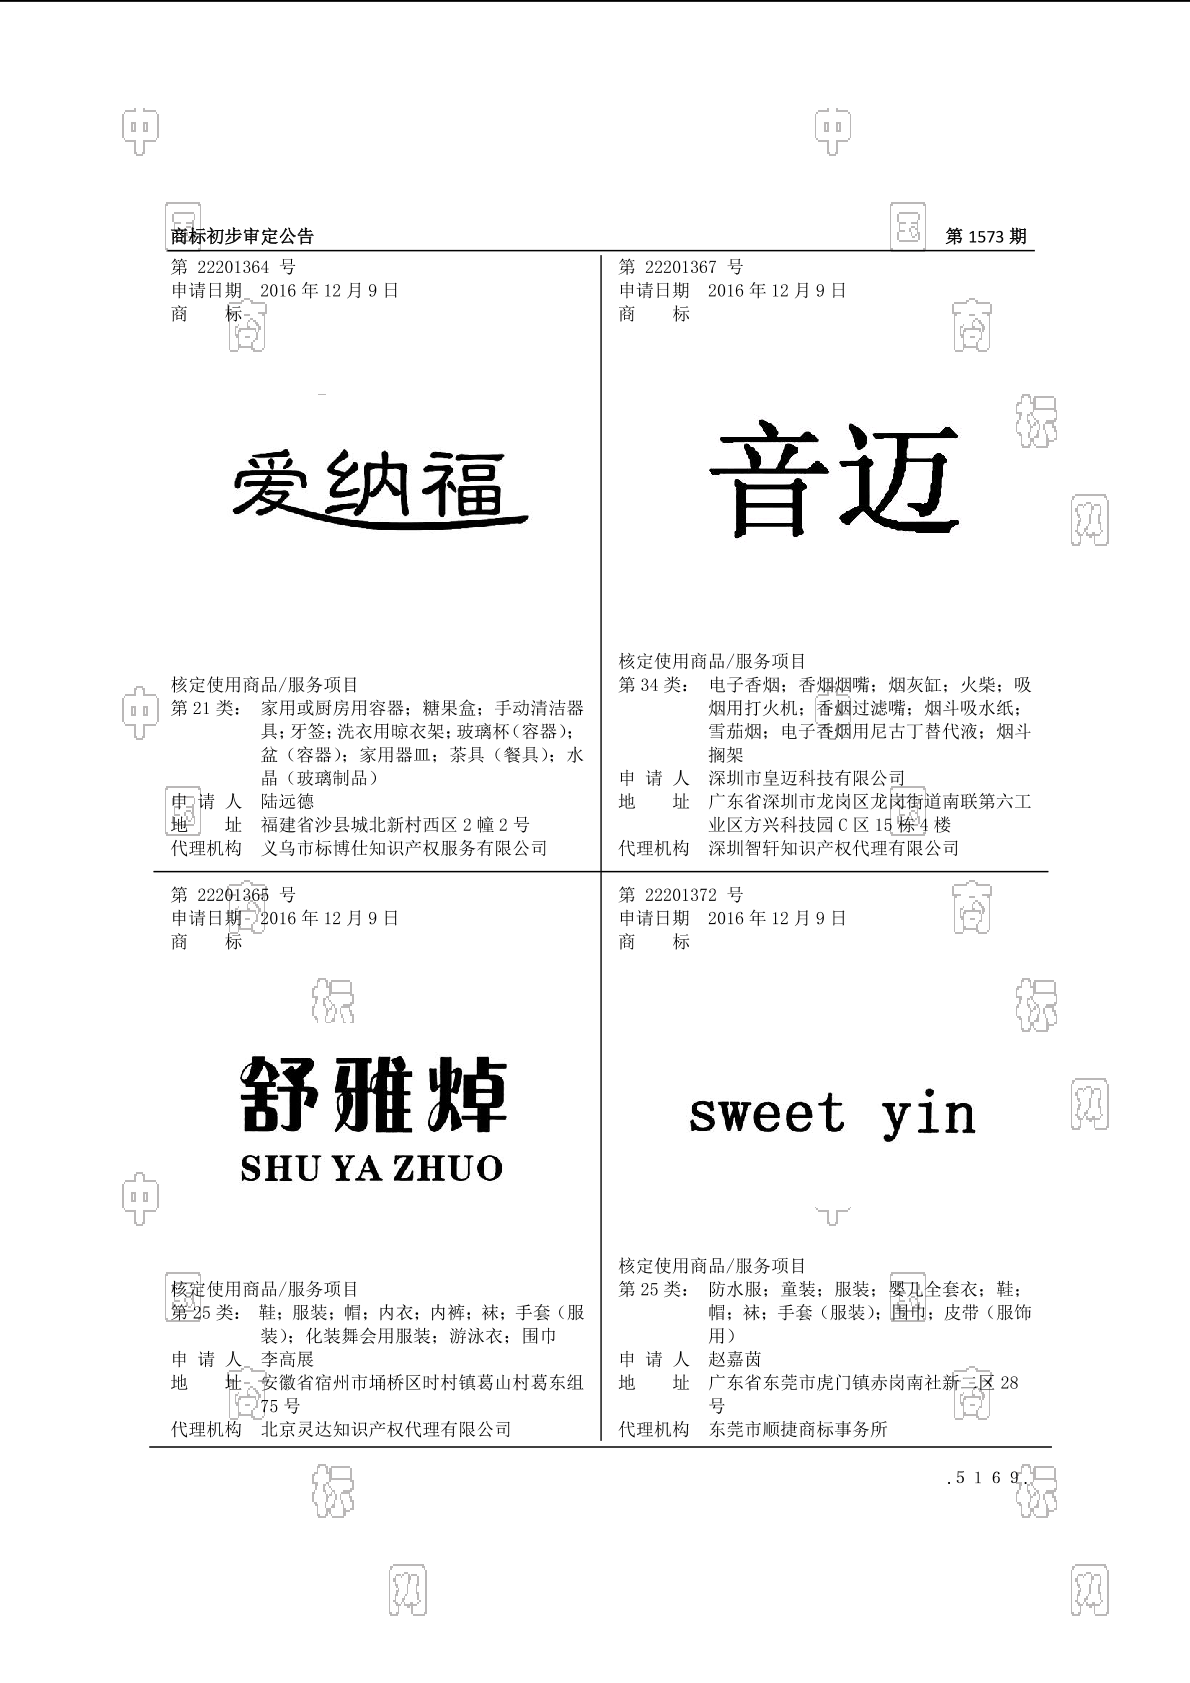 【社标网】SWEET YIN商标状态注册号信息 赵嘉茵商标信息-商标查询